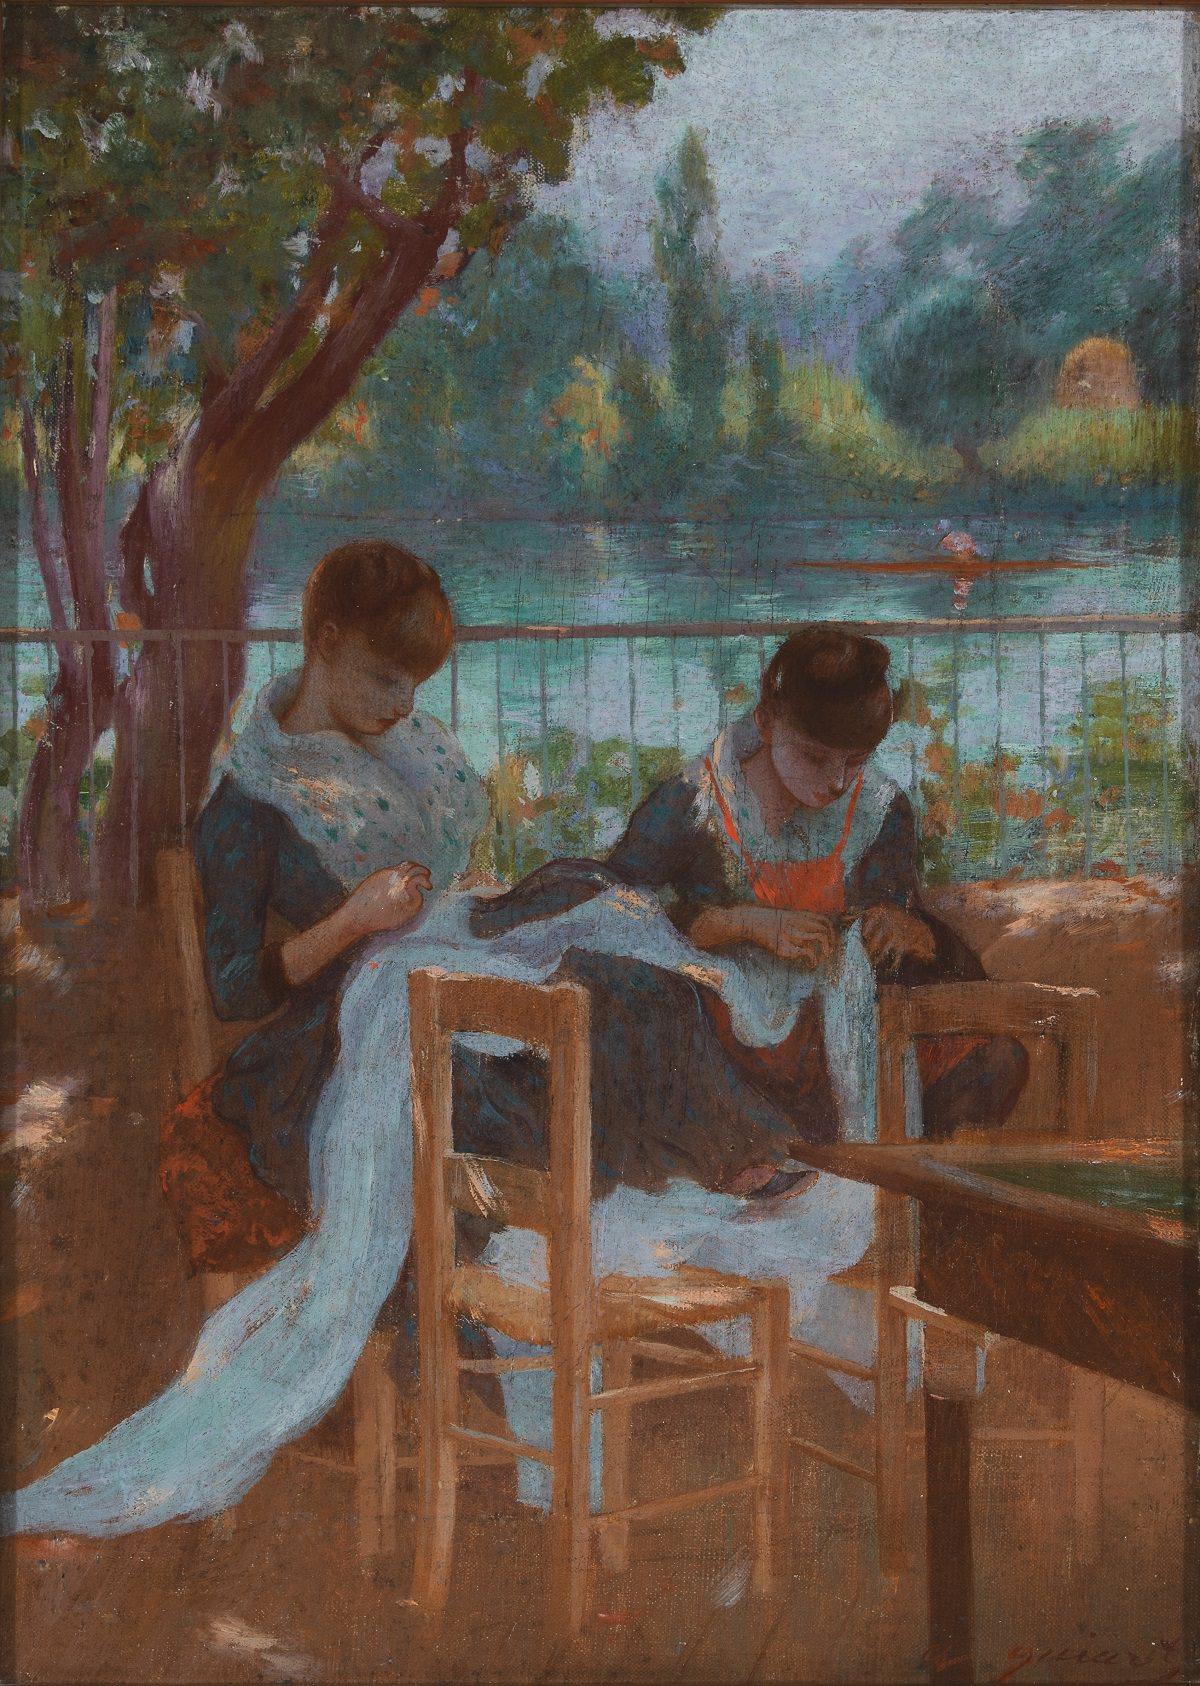 Адольфо Гийярд. Портнихи в парке. 1884-1885. Коллекция Ибердрола, Бильбао